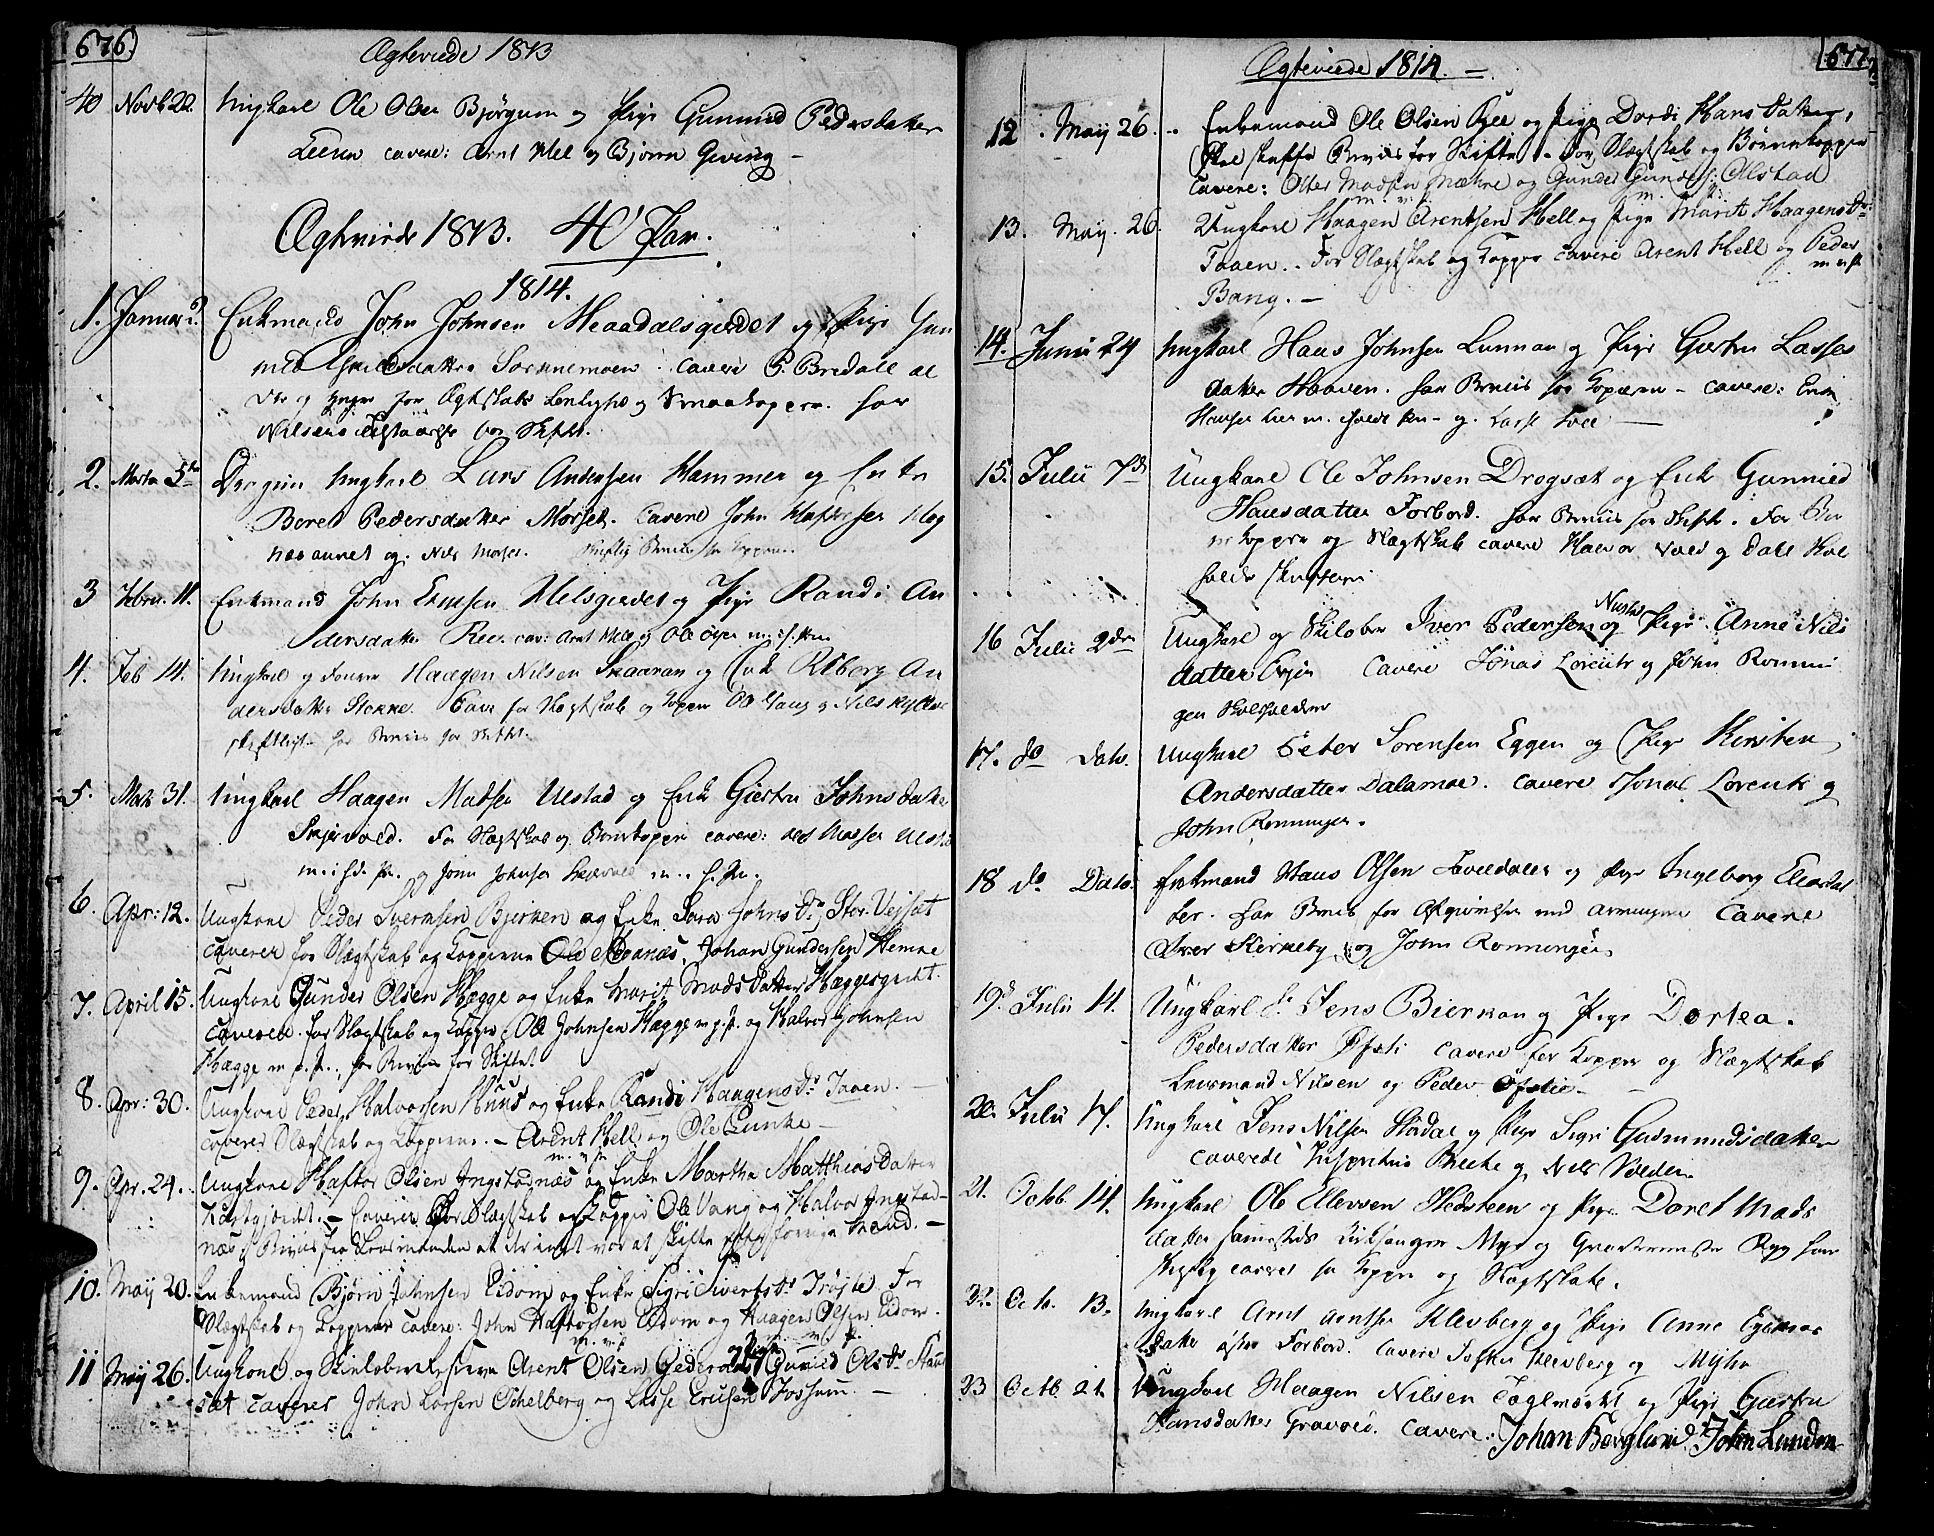 SAT, Ministerialprotokoller, klokkerbøker og fødselsregistre - Nord-Trøndelag, 709/L0060: Ministerialbok nr. 709A07, 1797-1815, s. 676-677